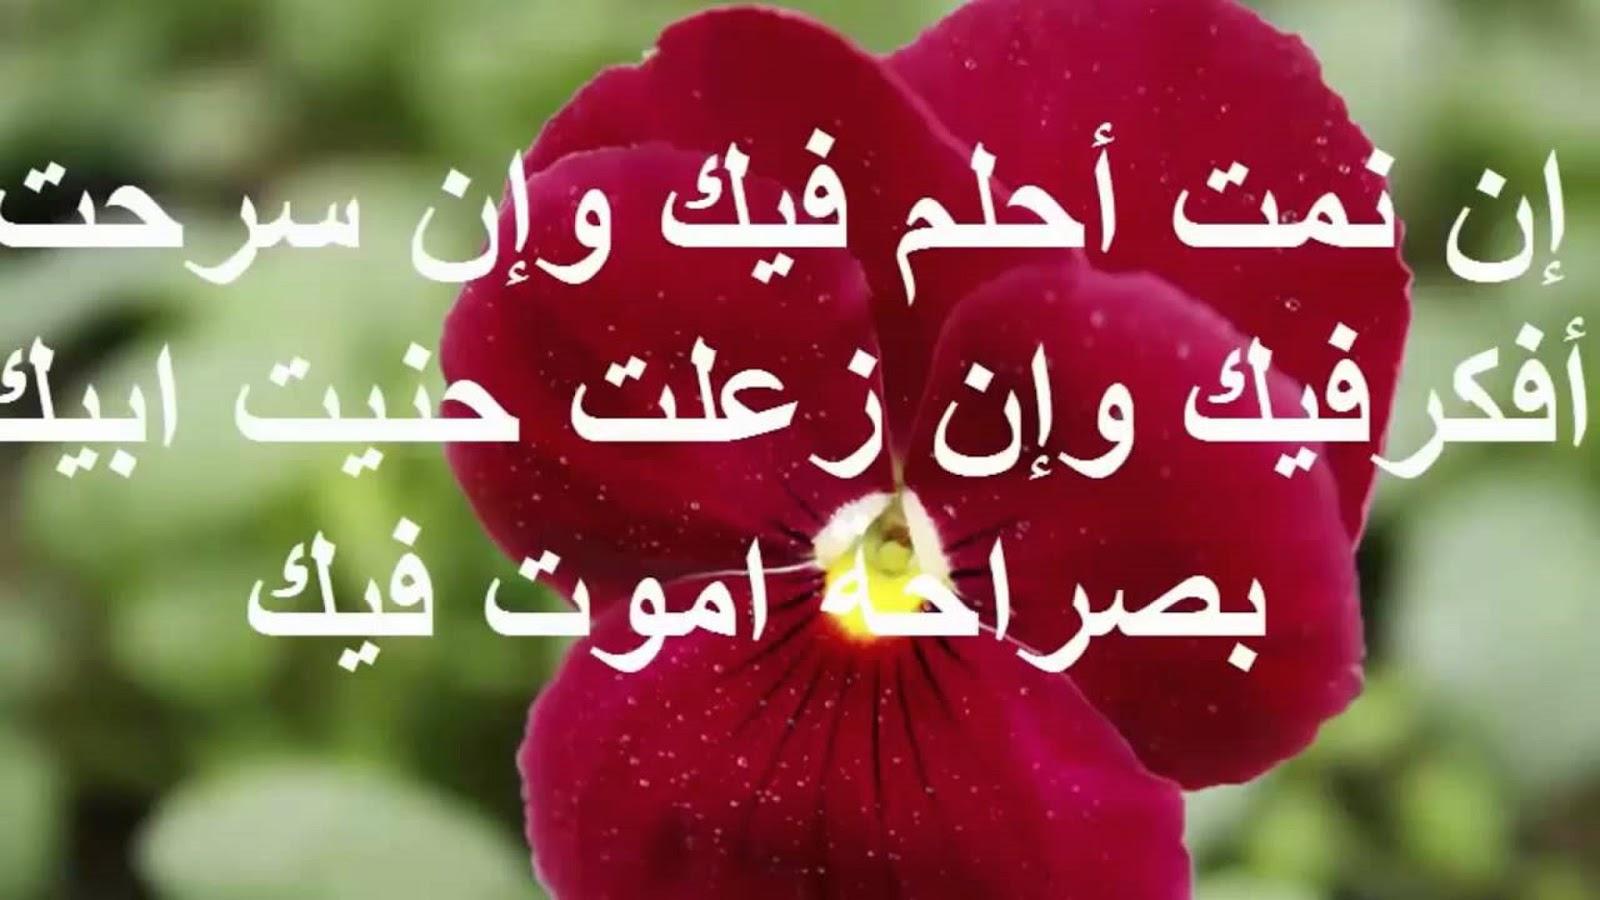 رسائل حب وغرام , مسجات العشق للاحباب